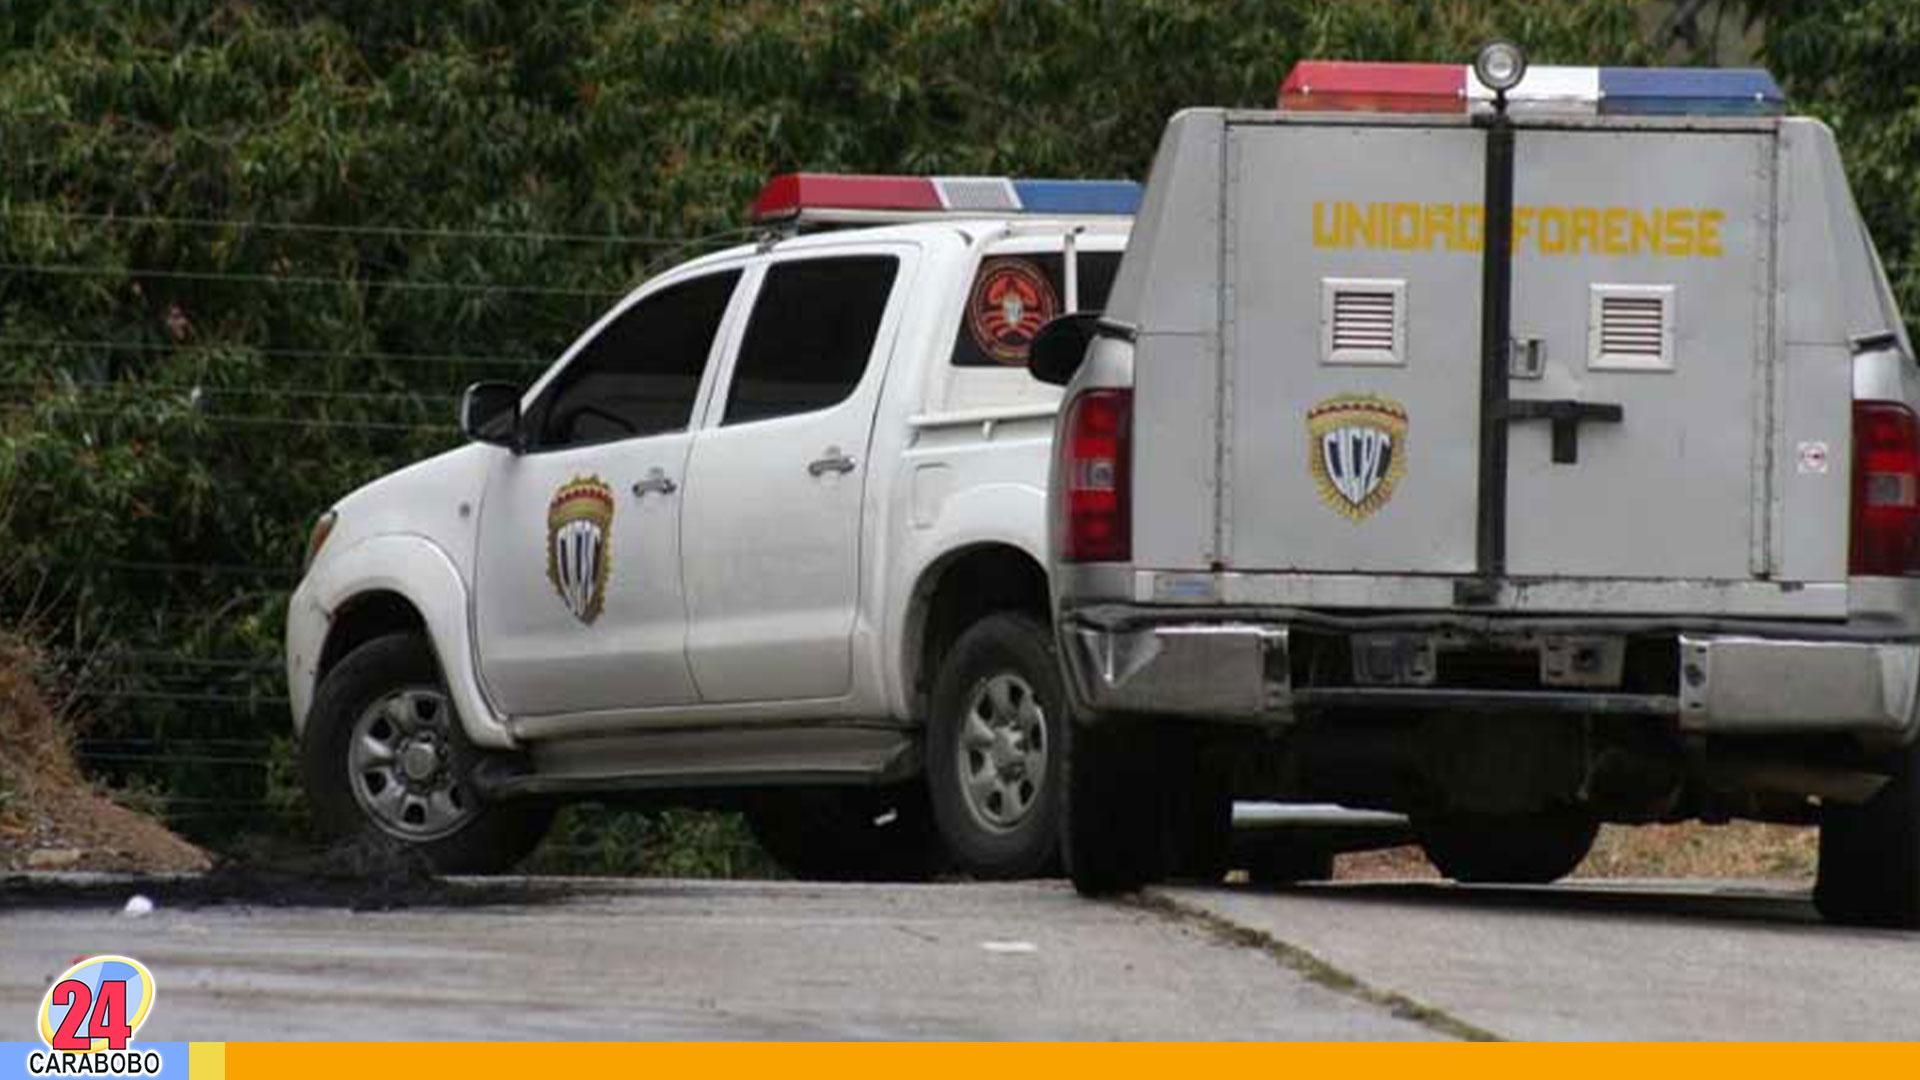 En el municipio Ezequiel Zamora fue encontrado en la vía pública el cadáver de una fémina. La mujer asesinada en Aragua respondía al nombre de Damelis Coromoto Rodríguez de 41 años de edad.